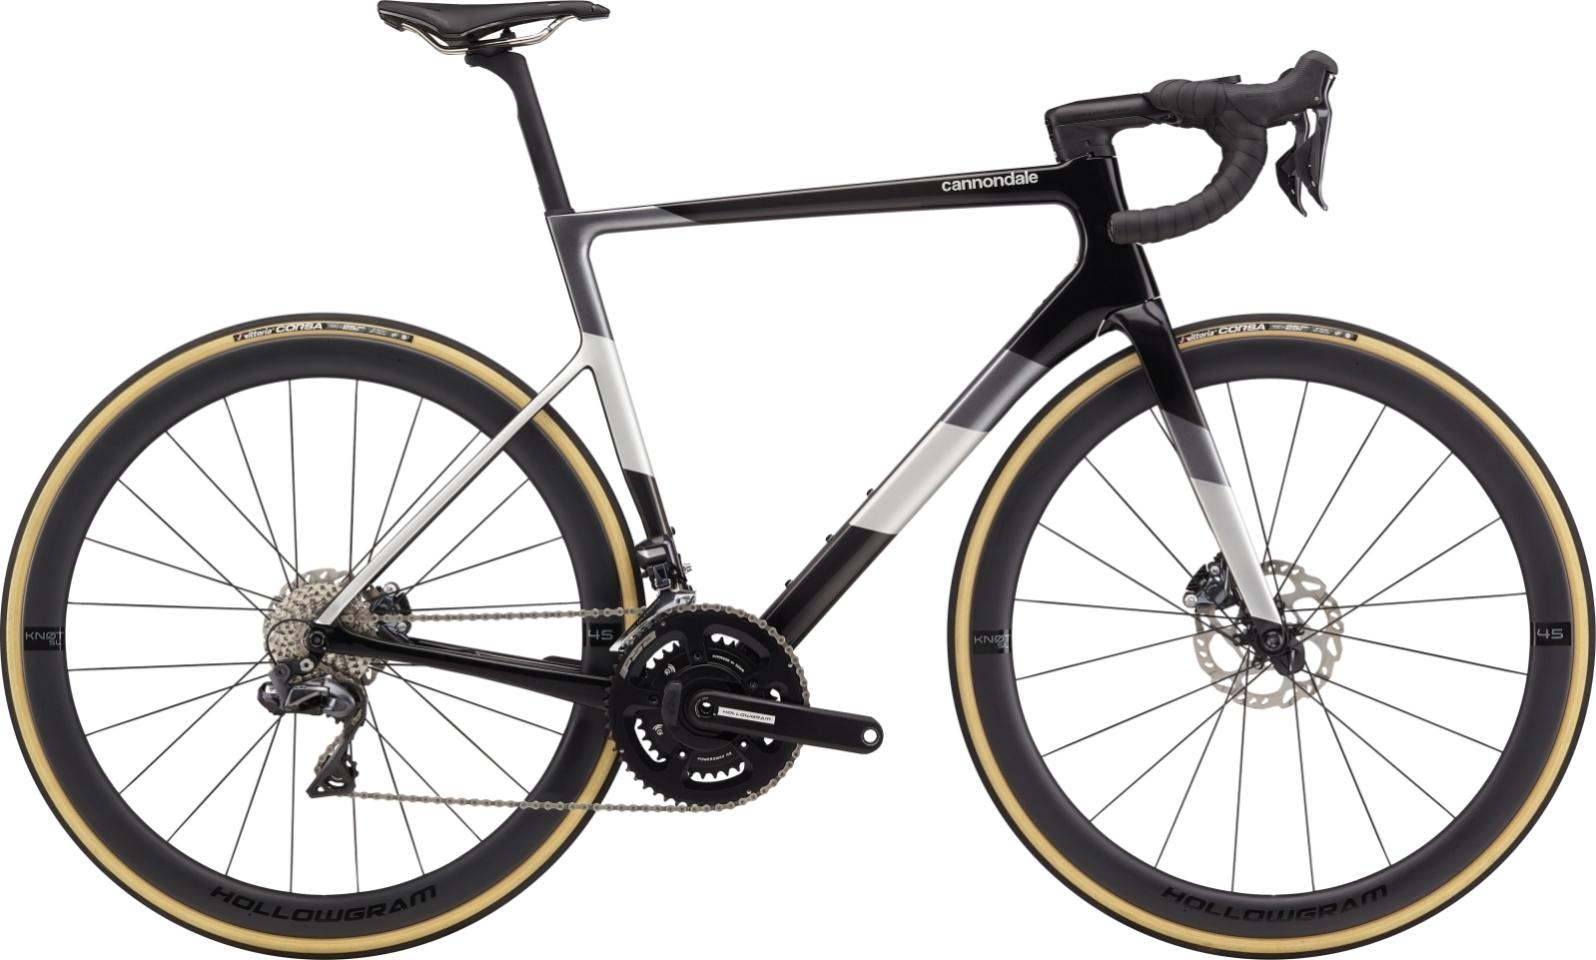 Cannondale Super Six Evo Hi-Mod Disc Ultegra Di2 országúti kerékpár - fekete - 60 cm (2020)